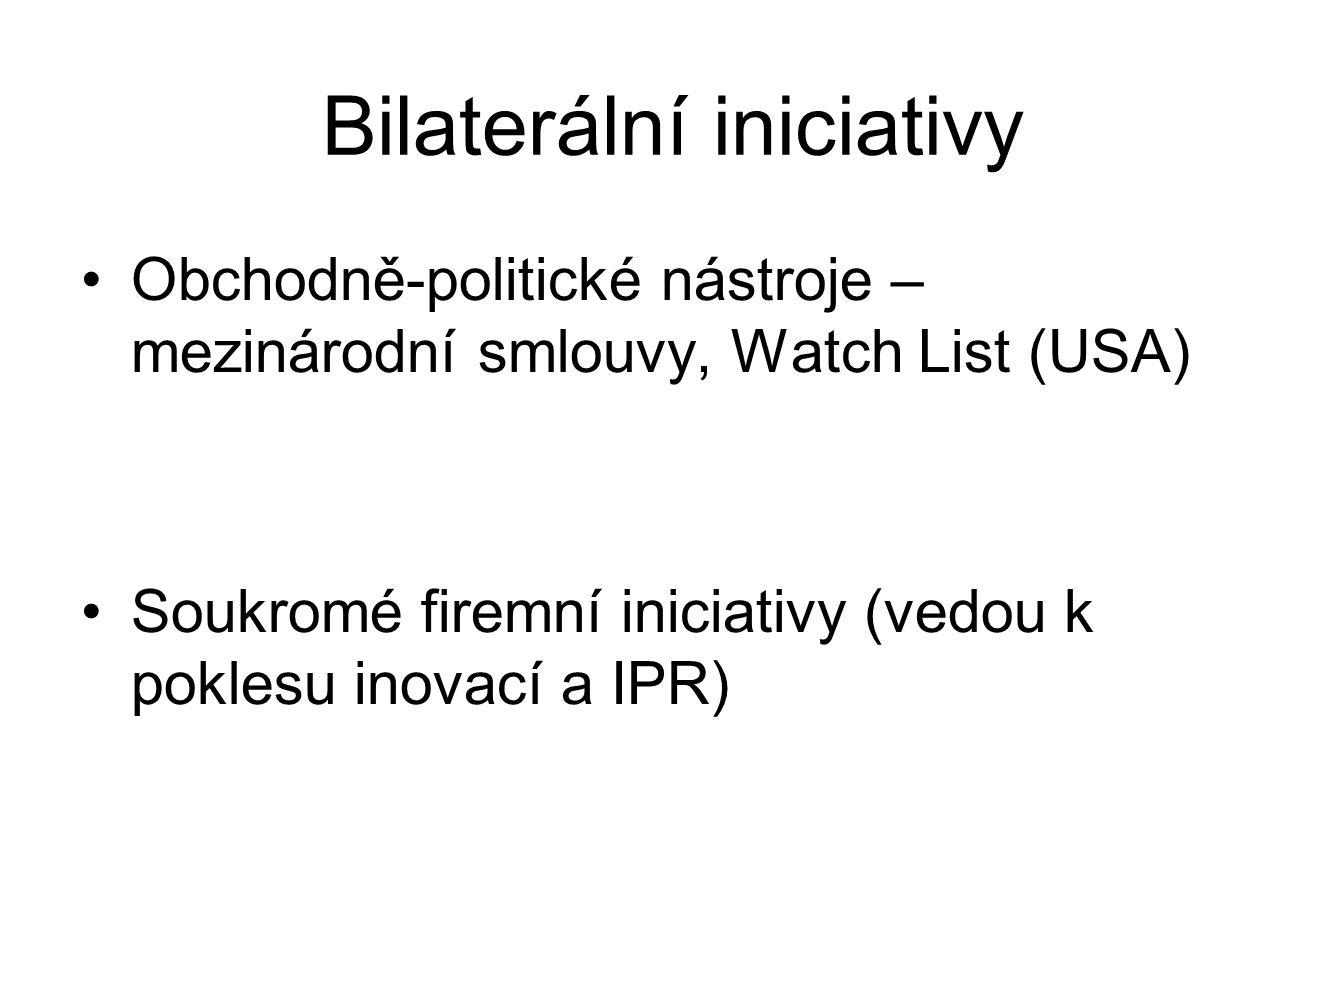 Bilaterální iniciativy Obchodně-politické nástroje – mezinárodní smlouvy, Watch List (USA) Soukromé firemní iniciativy (vedou k poklesu inovací a IPR)